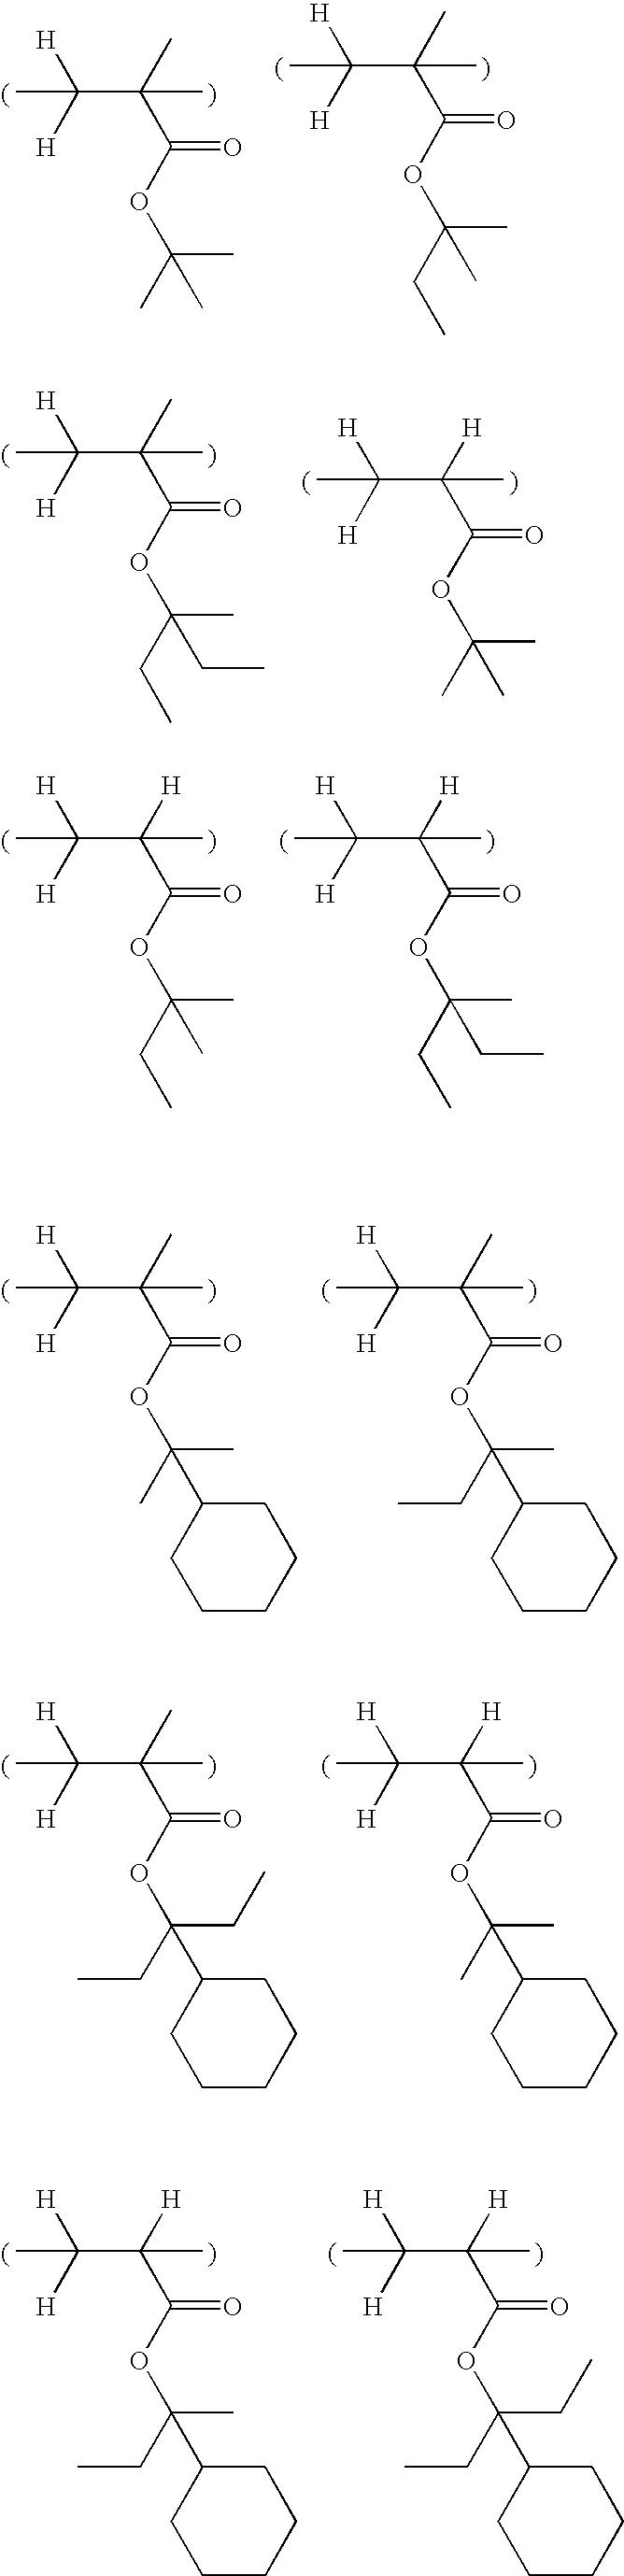 Figure US20070231738A1-20071004-C00043